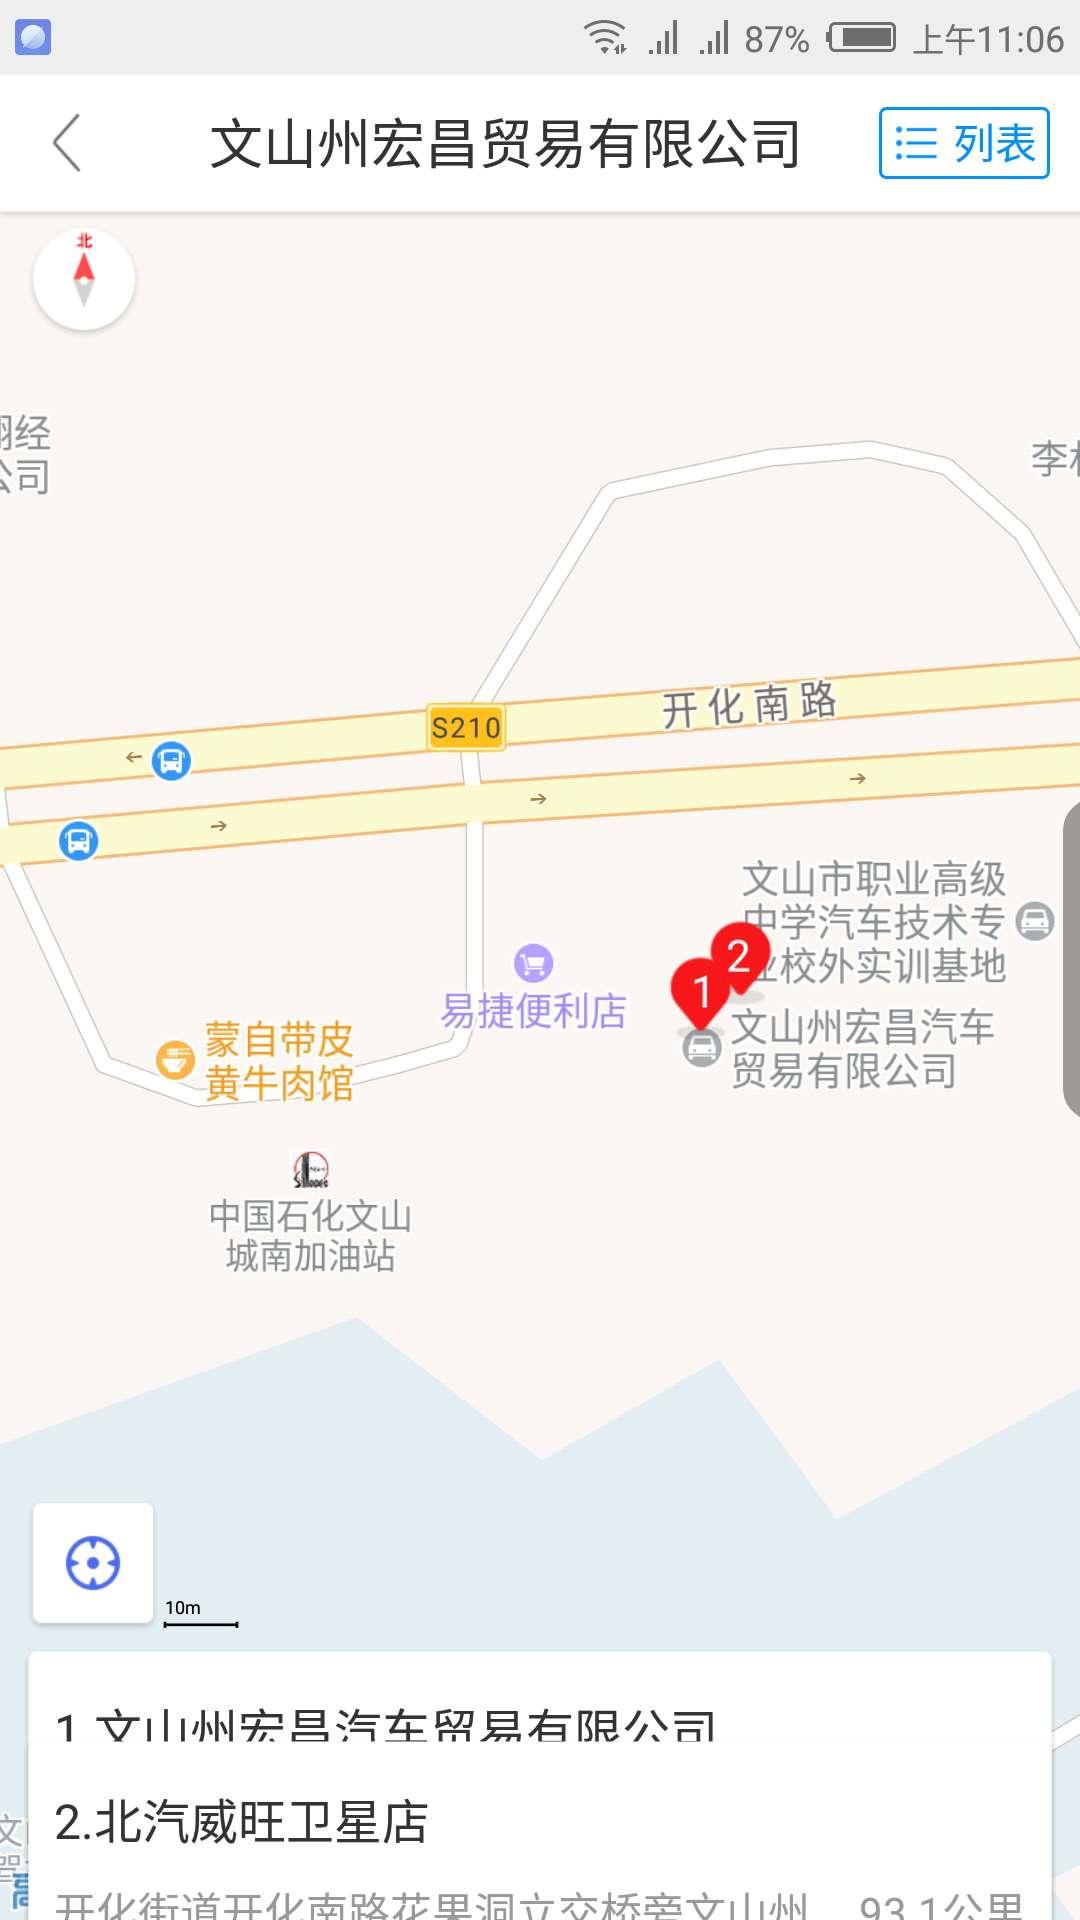 文山宏昌汽车贸易有限公司